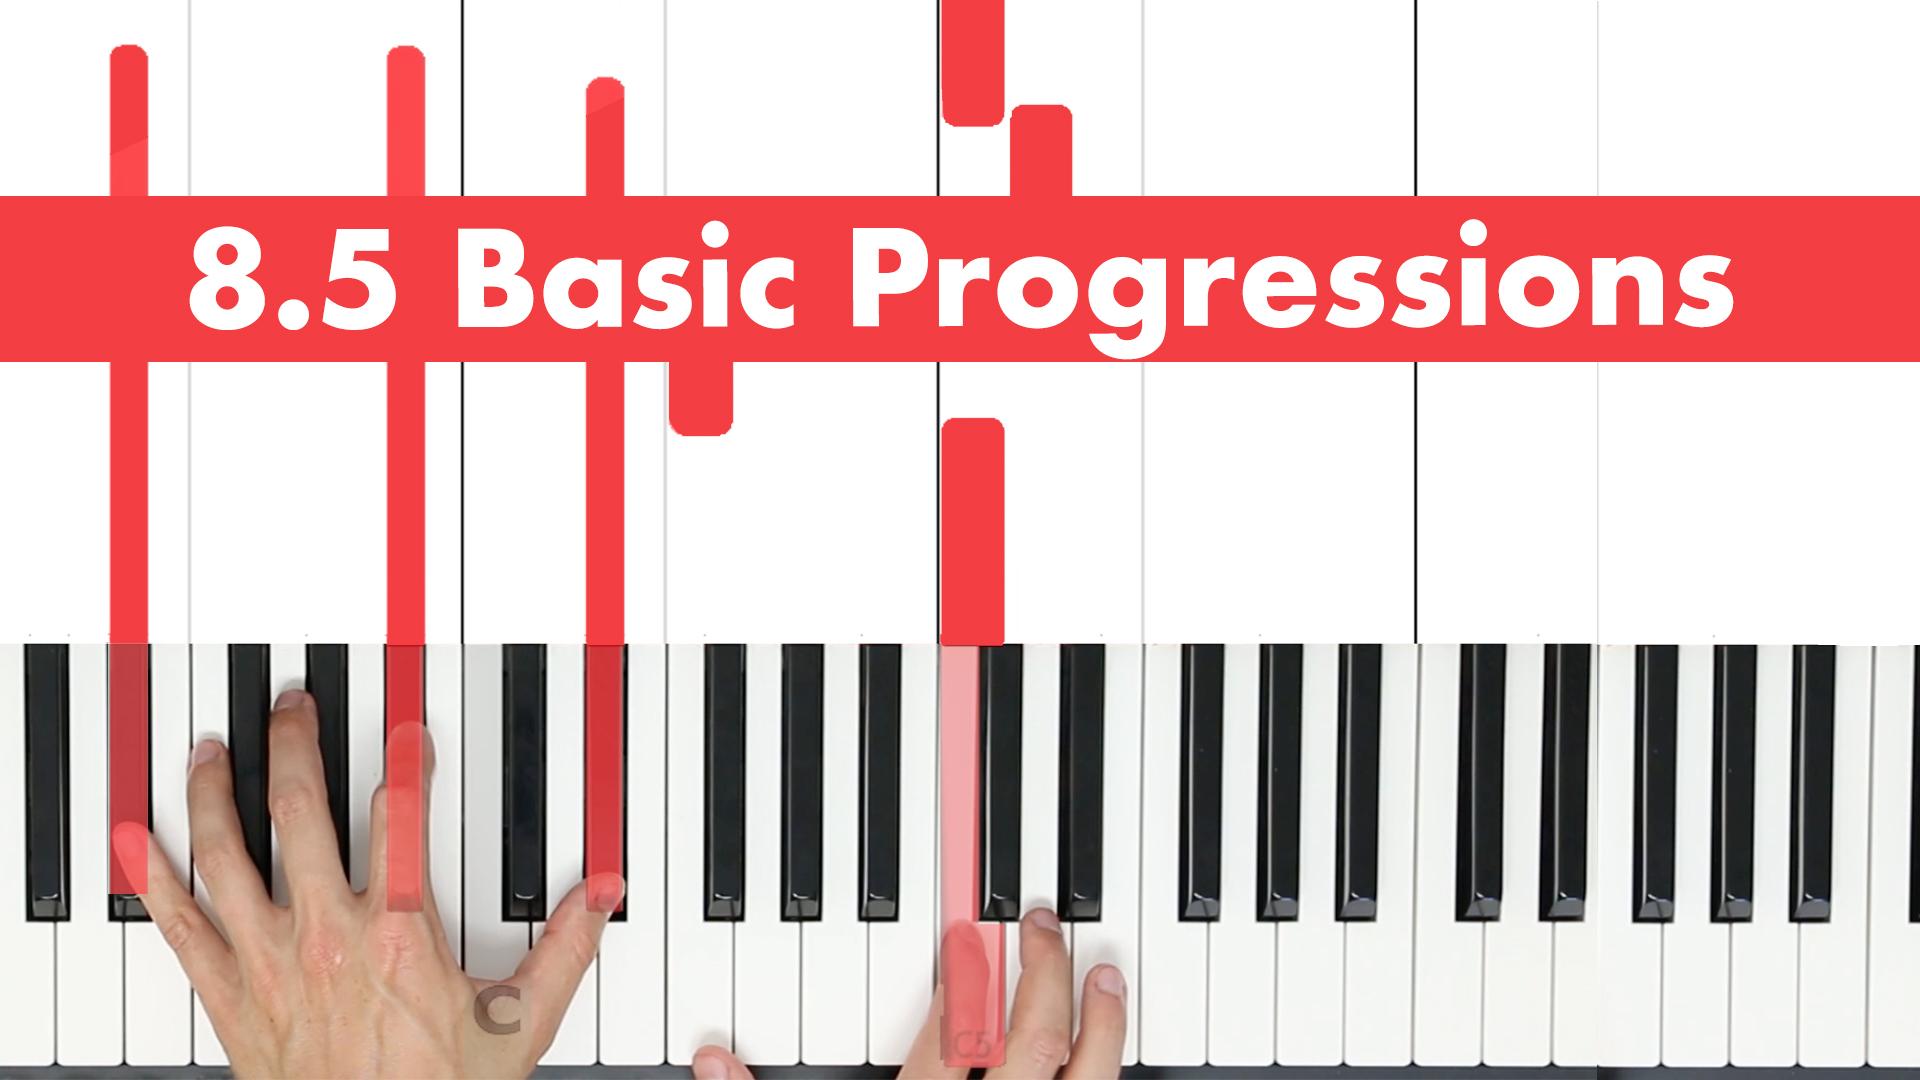 8.5 Basic Progressions